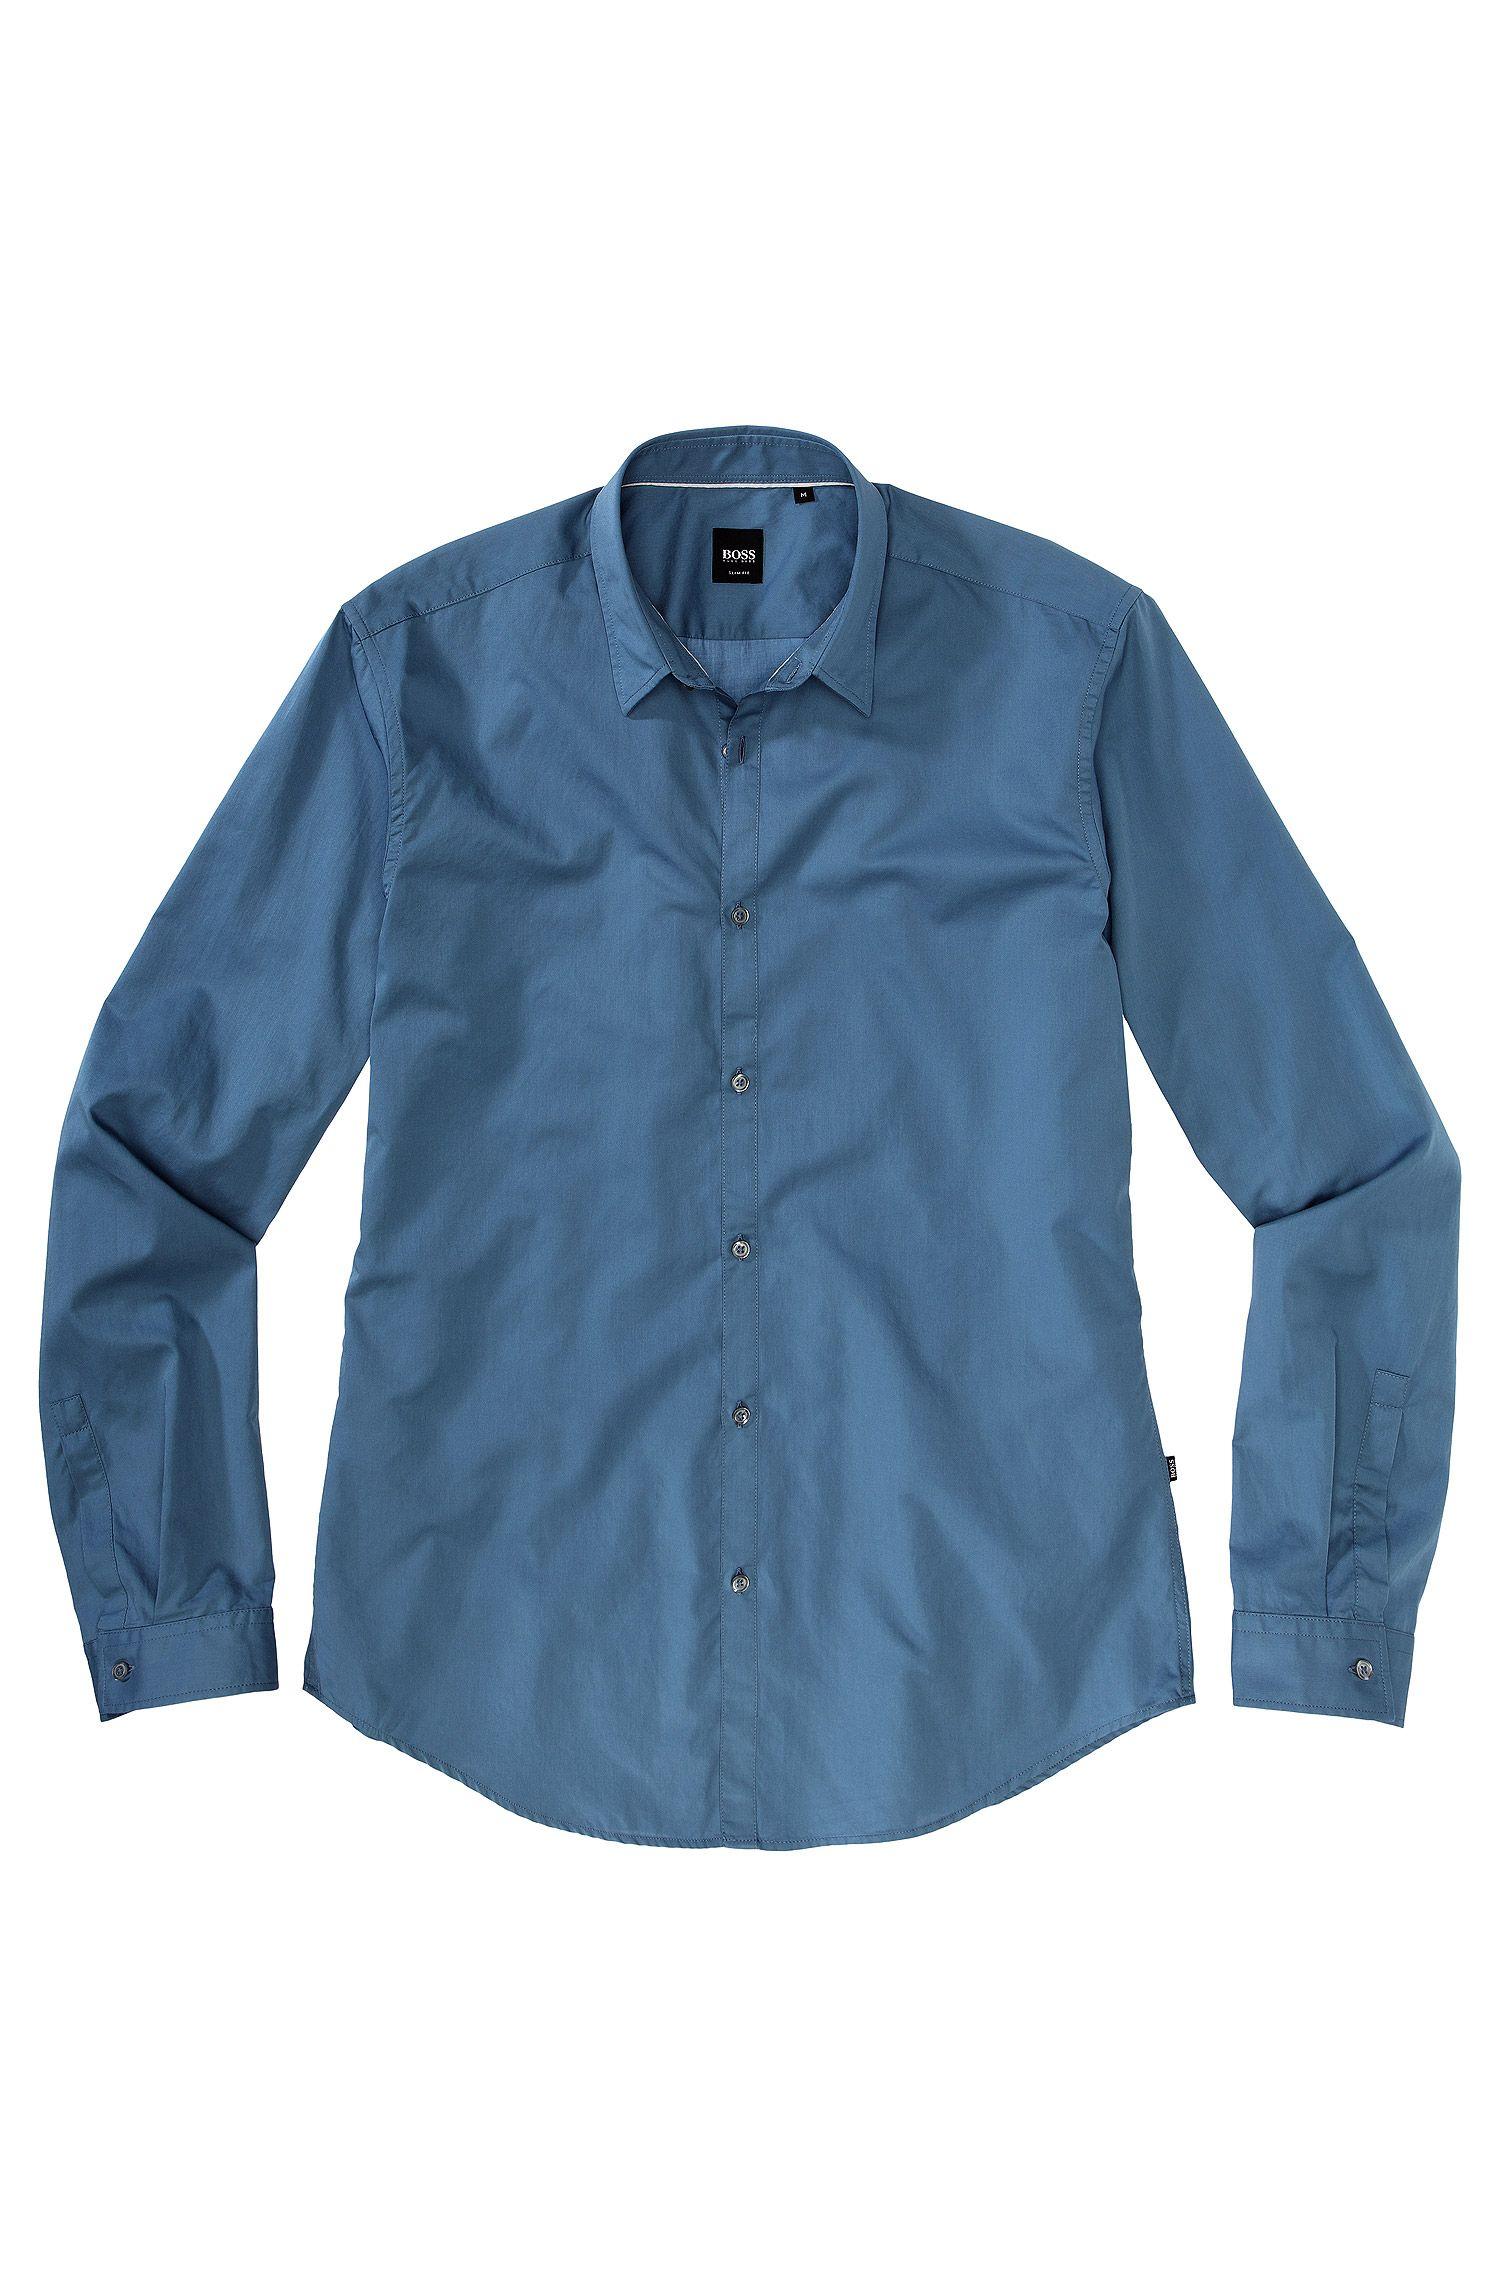 Freizeit-Hemd ´Remus Modern Essentials`, Blau